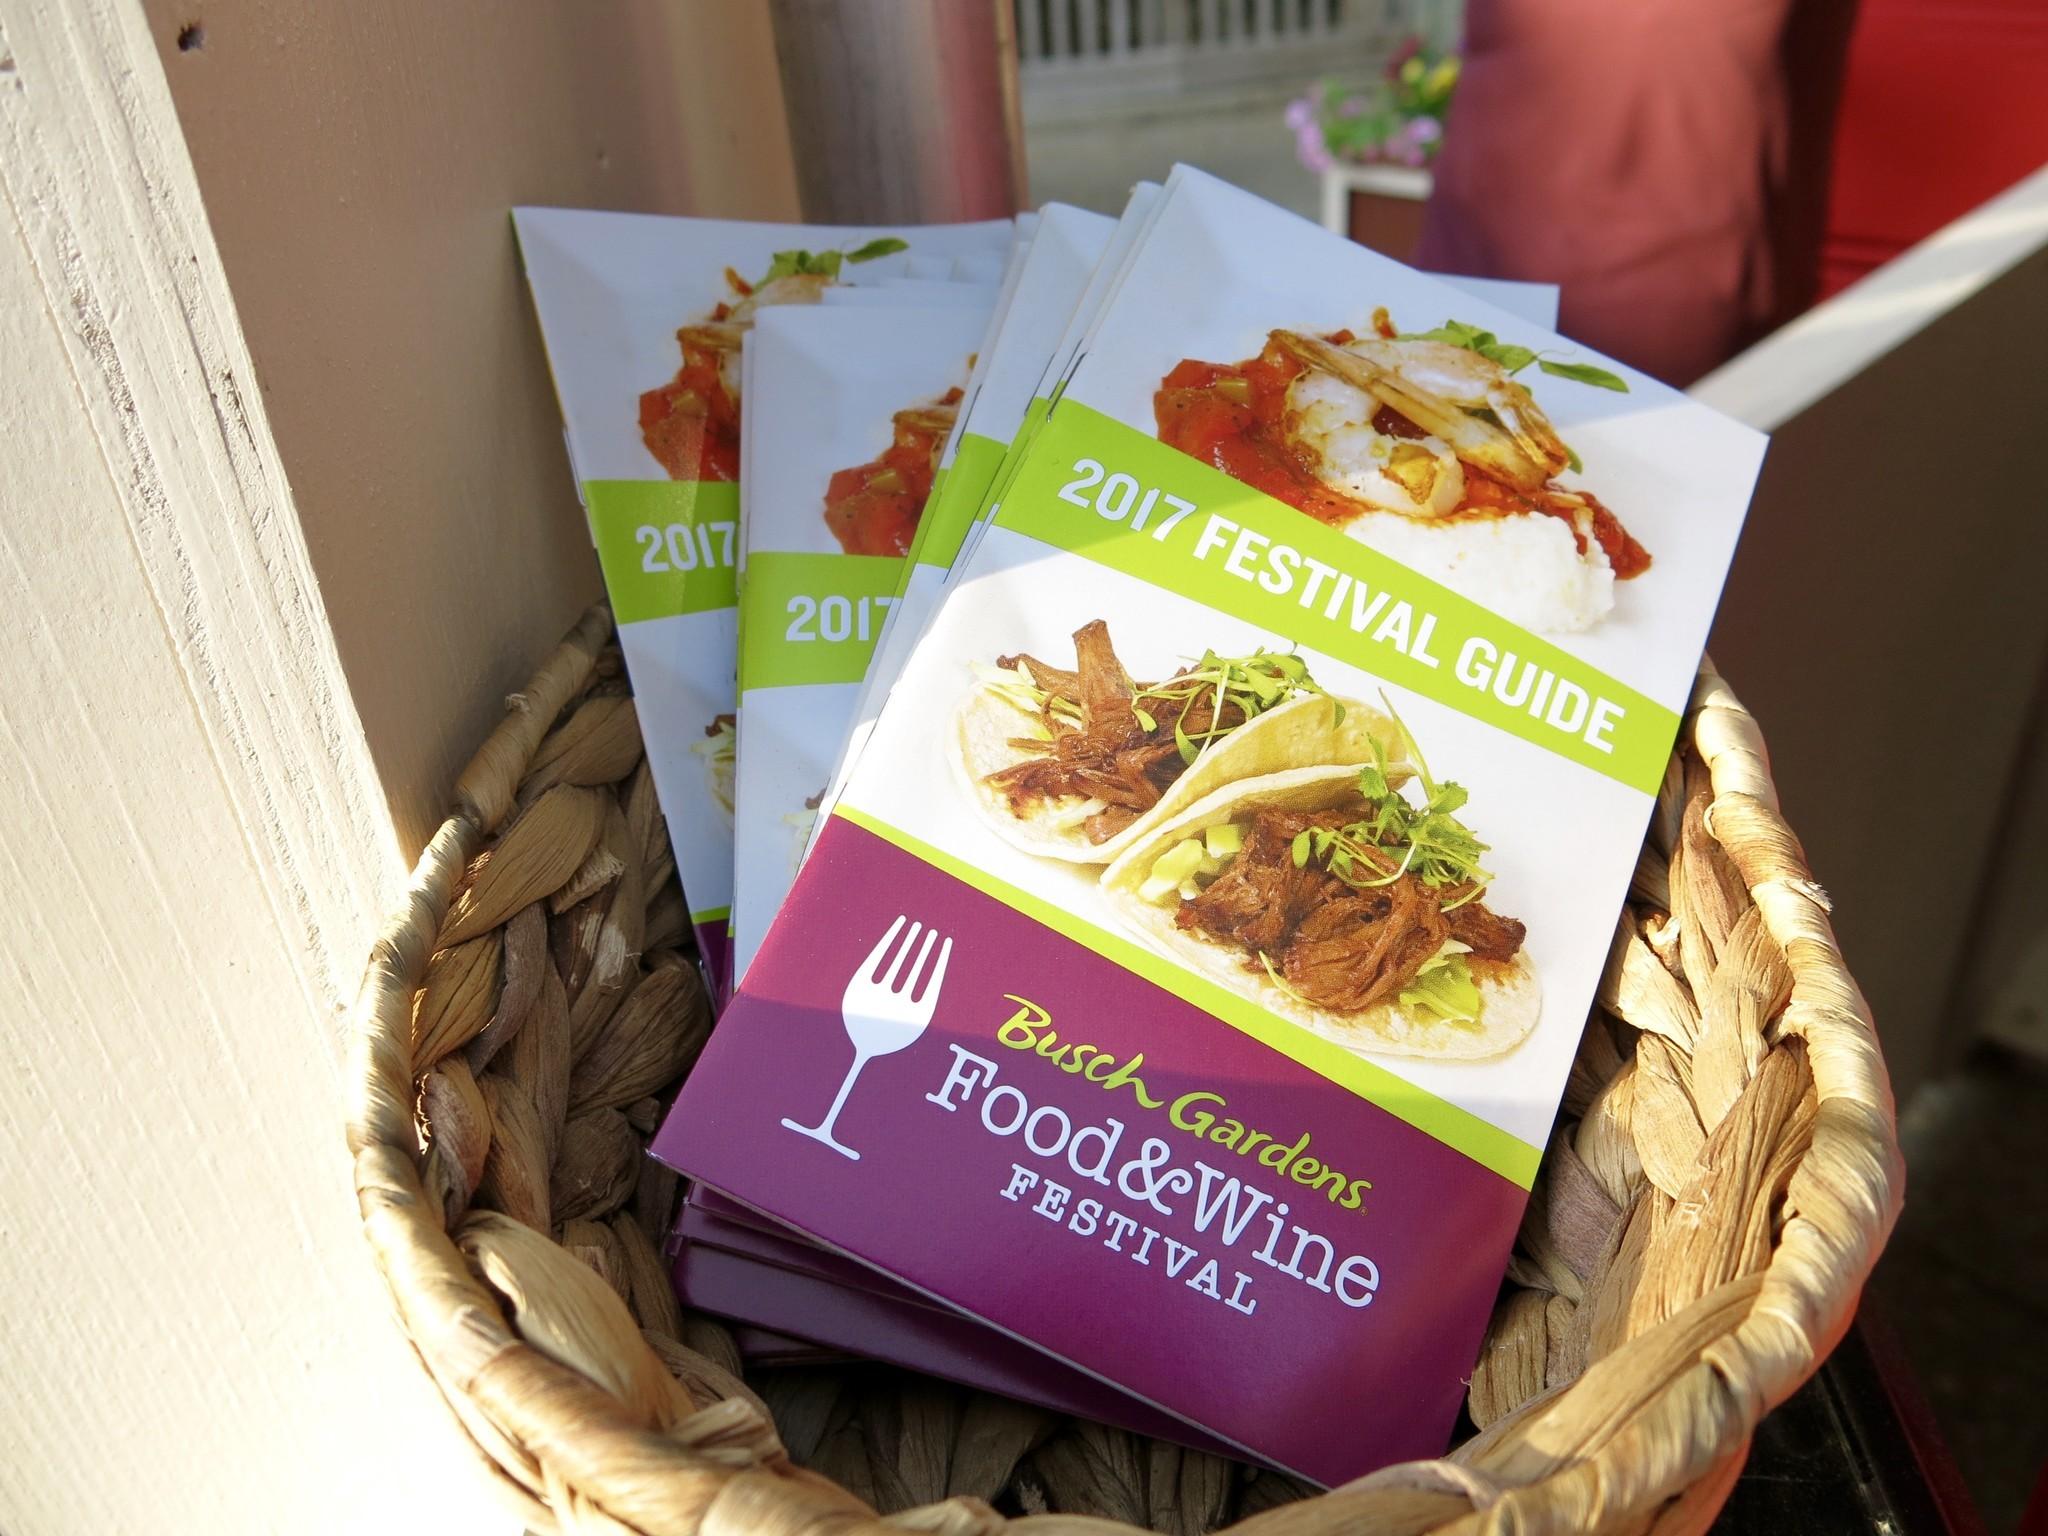 Food and wine festival de busch gardens el sentinel for Busch gardens food and wine 2017